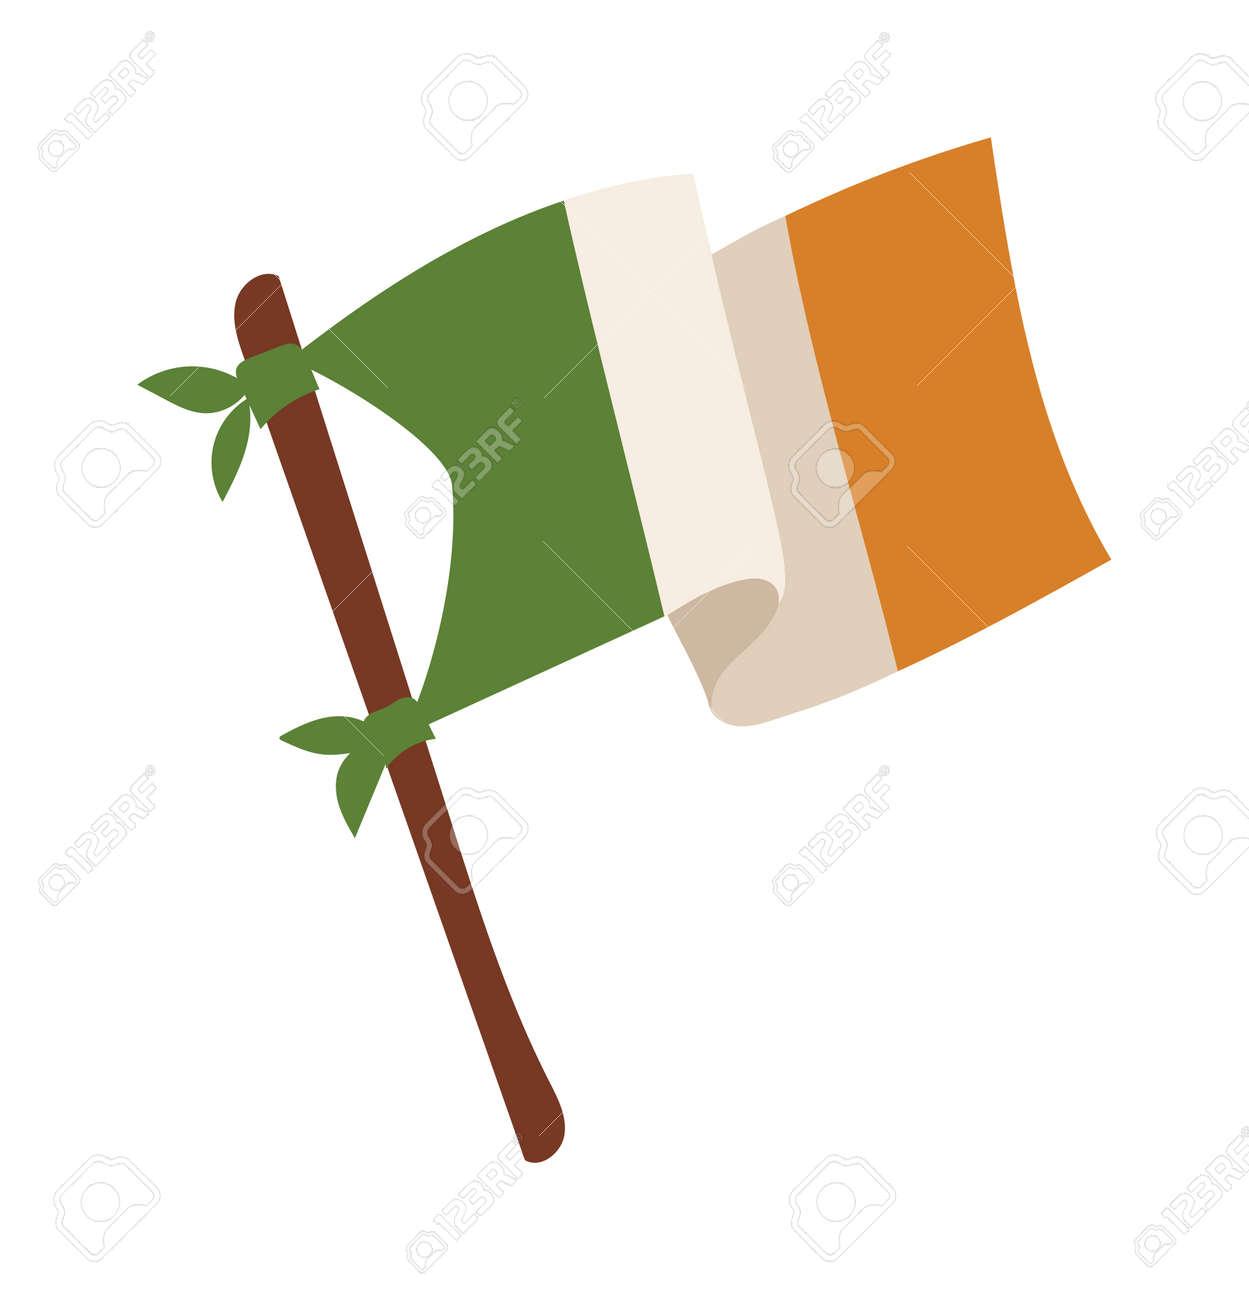 irish flag vector illustration irish flag isolated on background